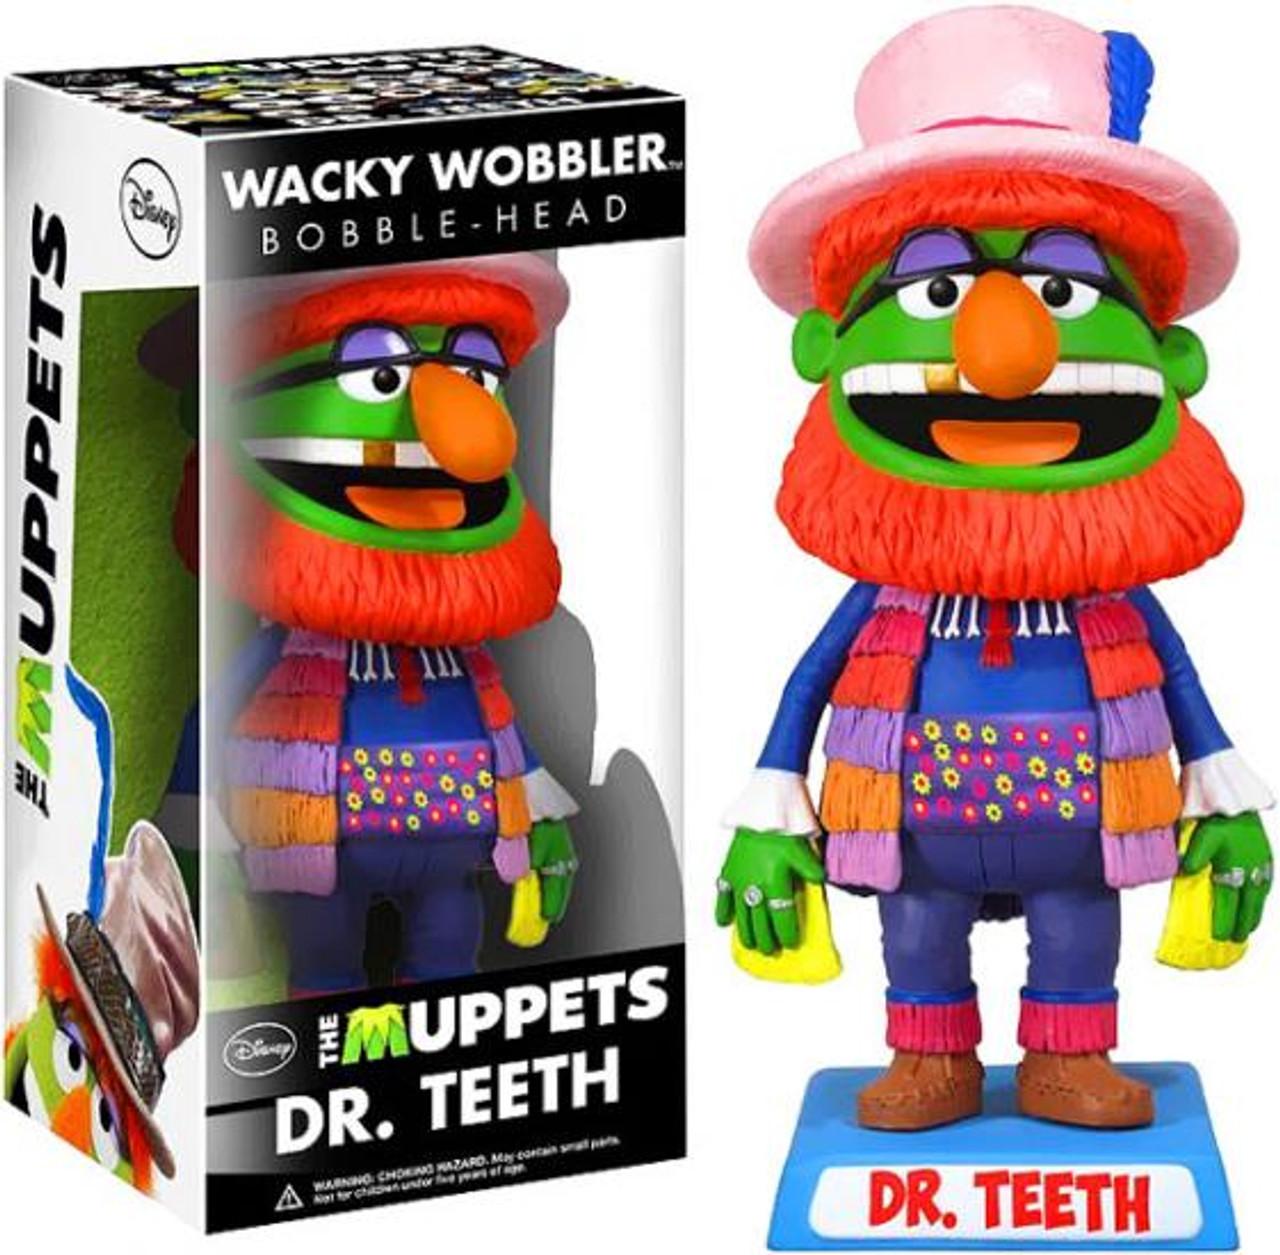 Funko The Muppets Wacky Wobbler Dr. Teeth Bobble Head